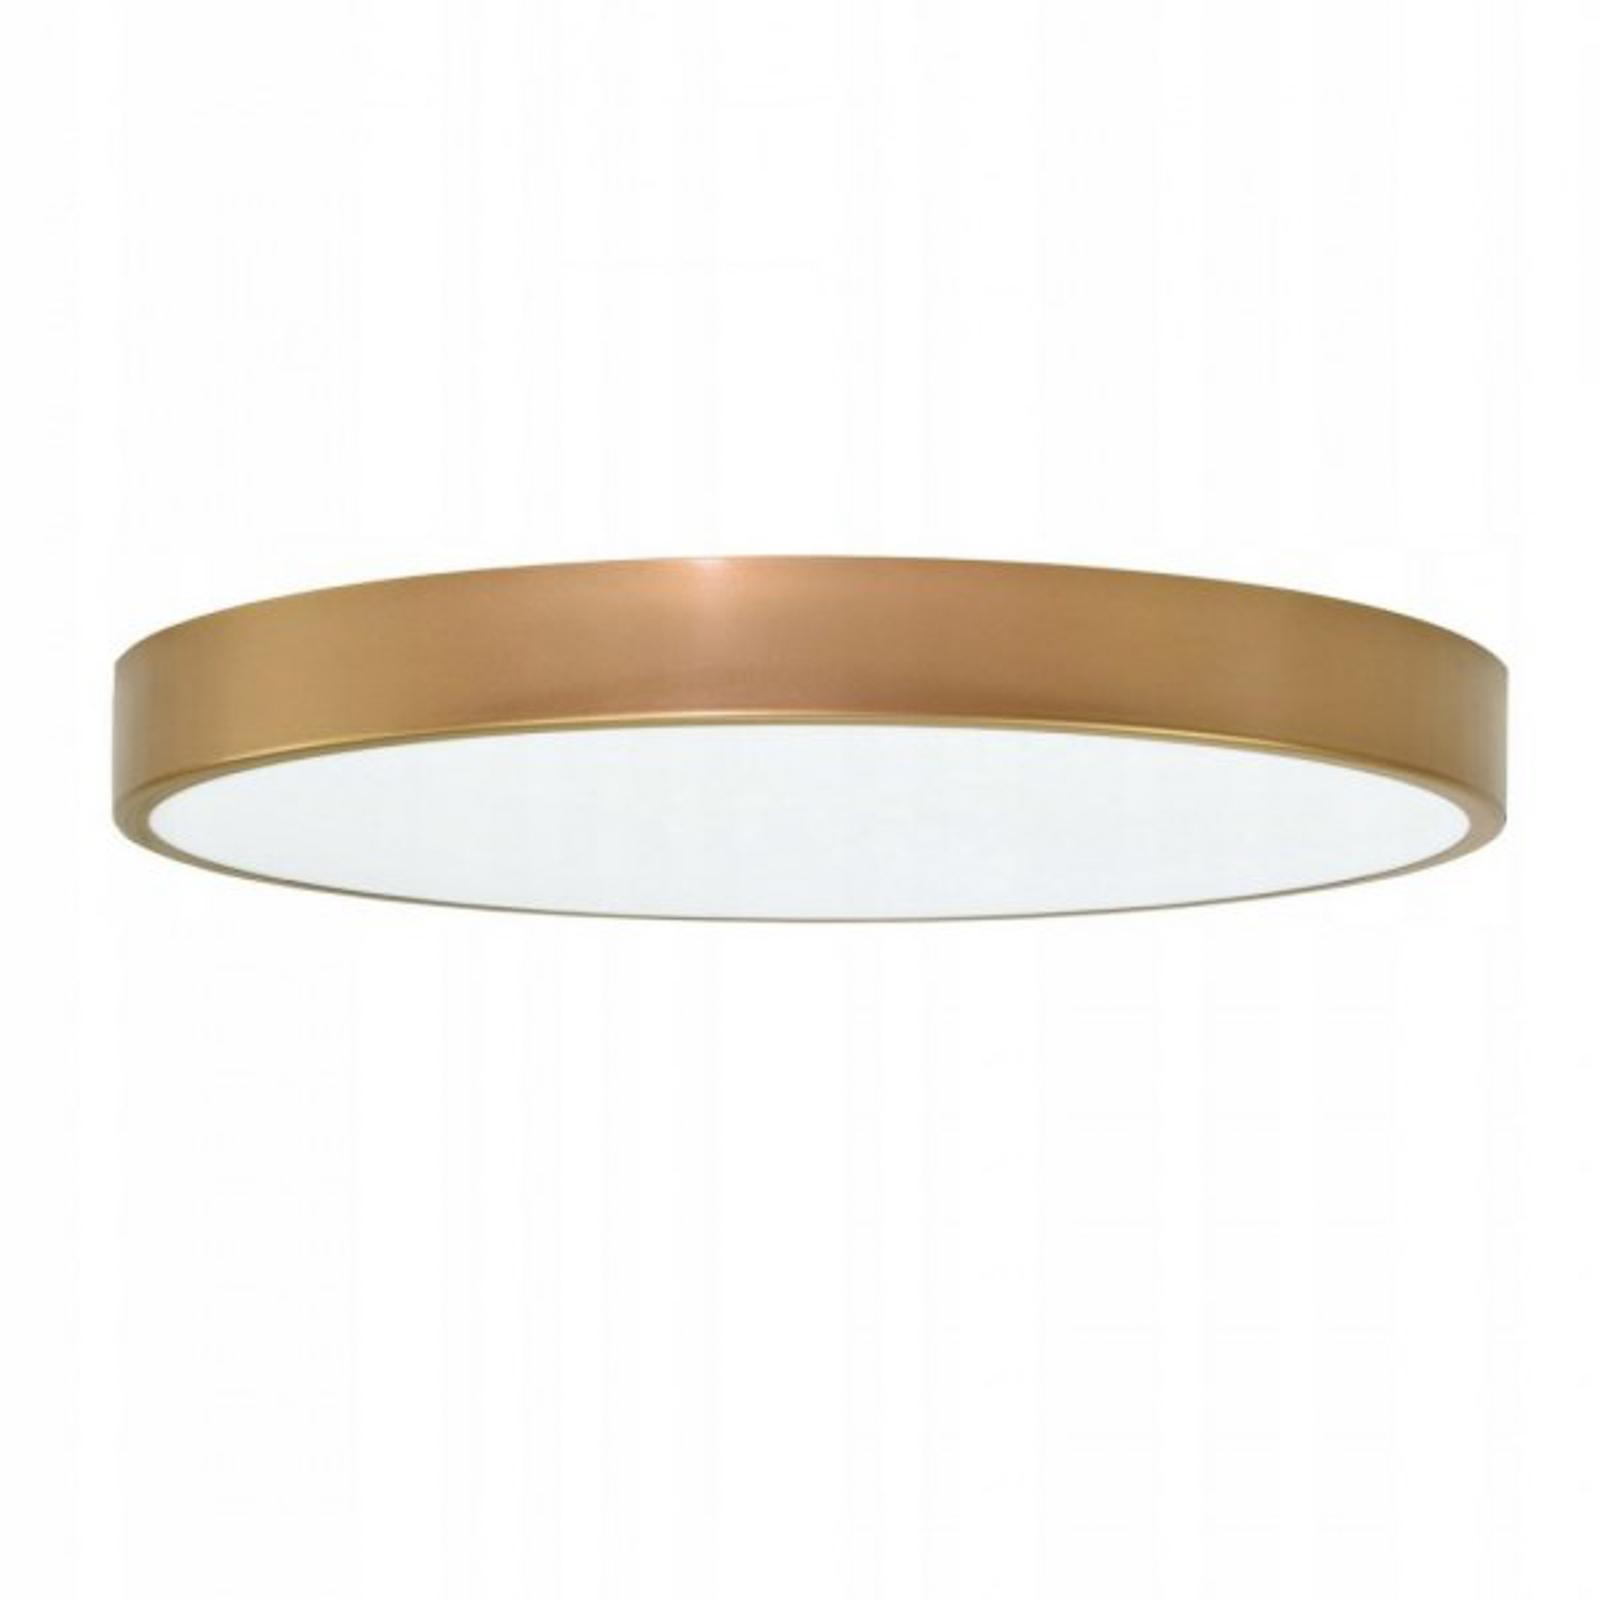 Cleo taklampe i gull med spreder, Ø 78cm